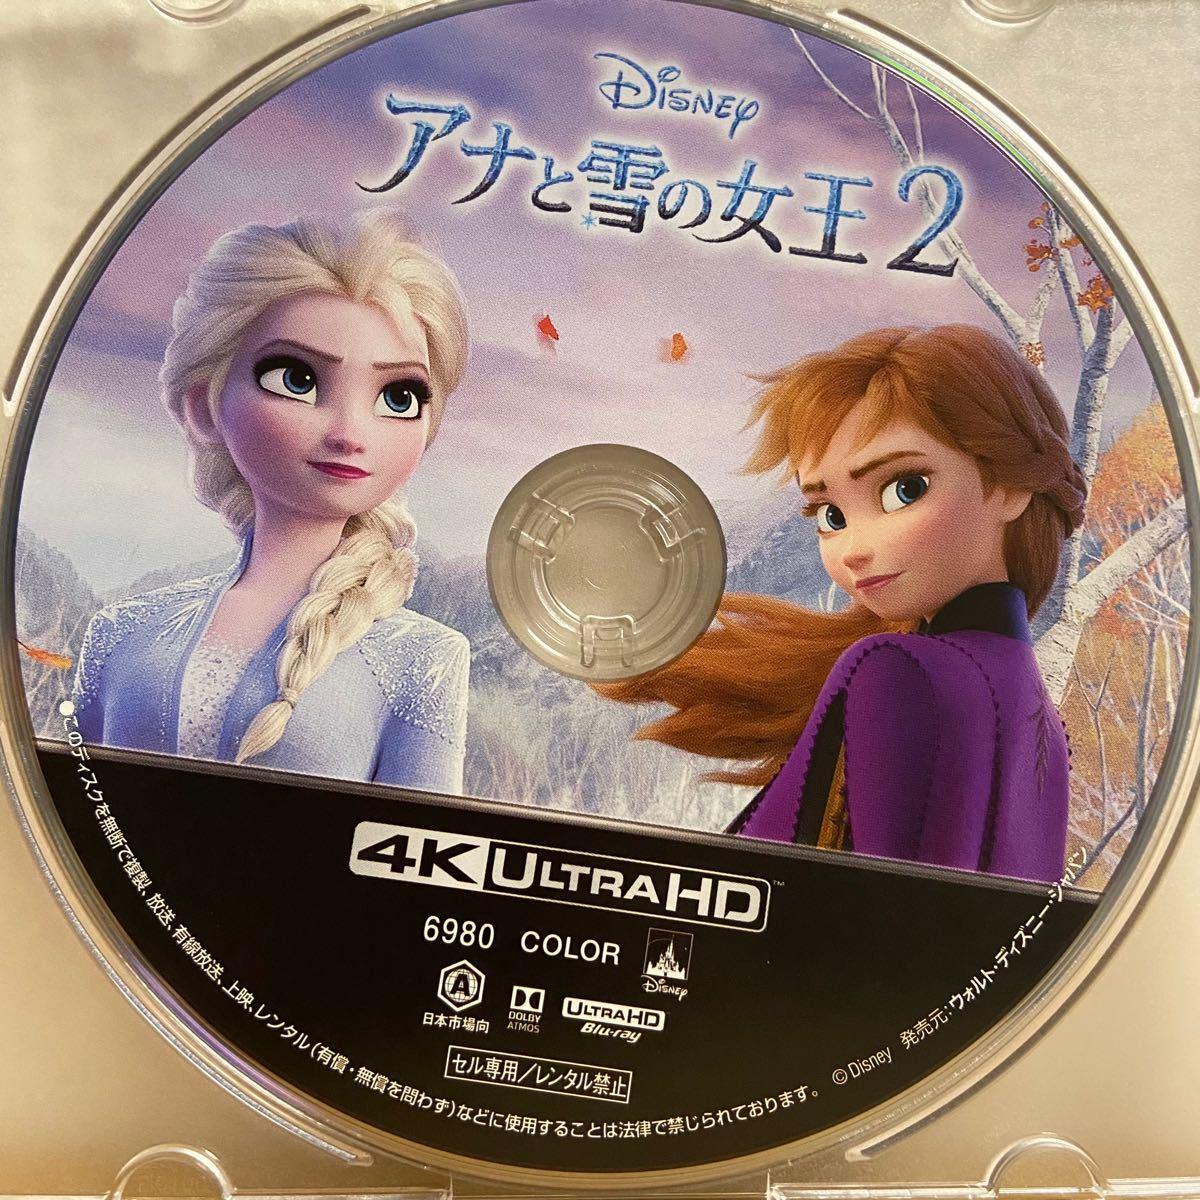 アナと雪の女王2 4K UHDブルーレイ+純正ケース